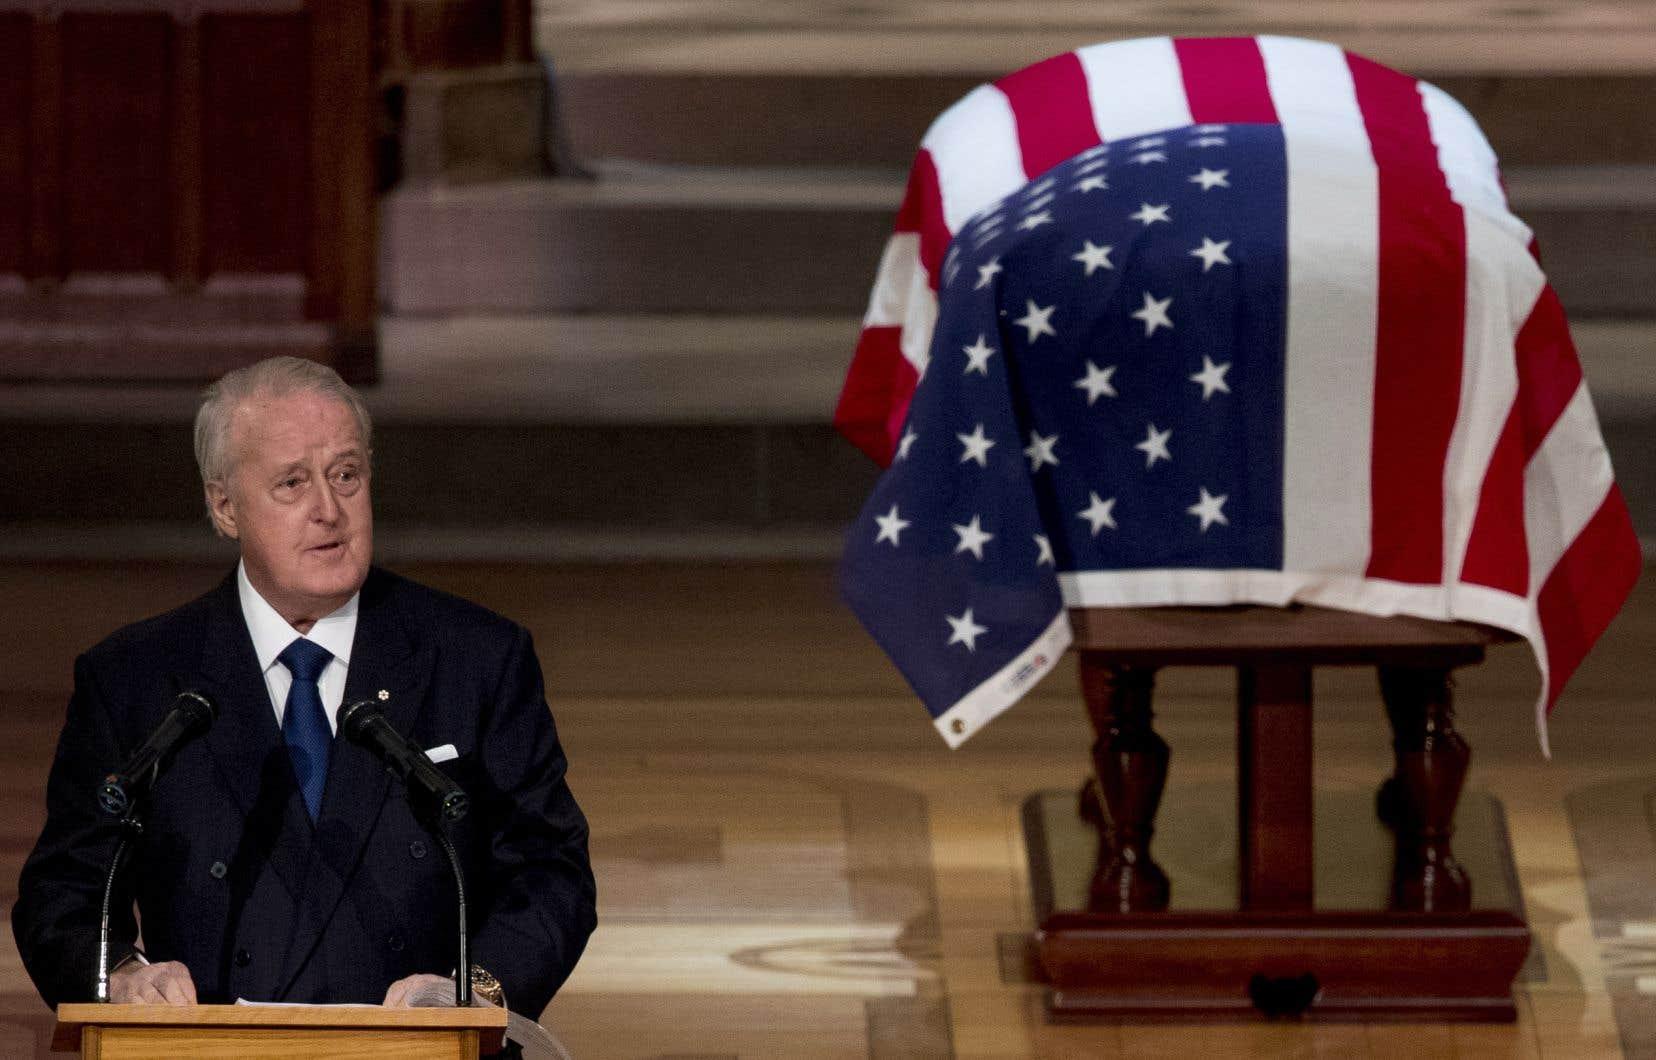 Selon Brian Mulroney, George Bush restera le président le plus courageux, le plus honorable et le plus respectueux des principes que les États-Unis aient connu.